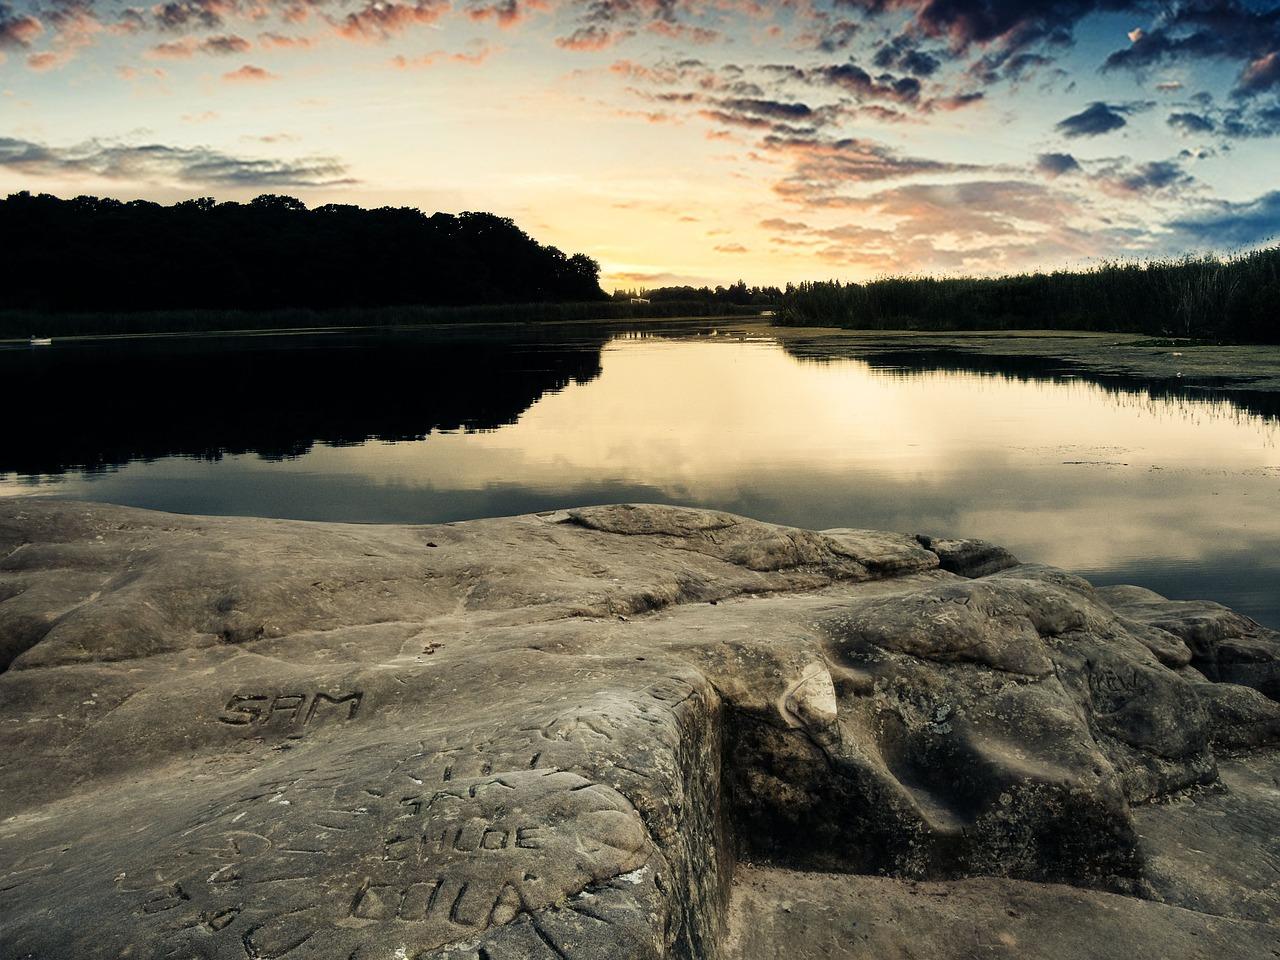 пейзажи на камнях фото пород голубоглазых